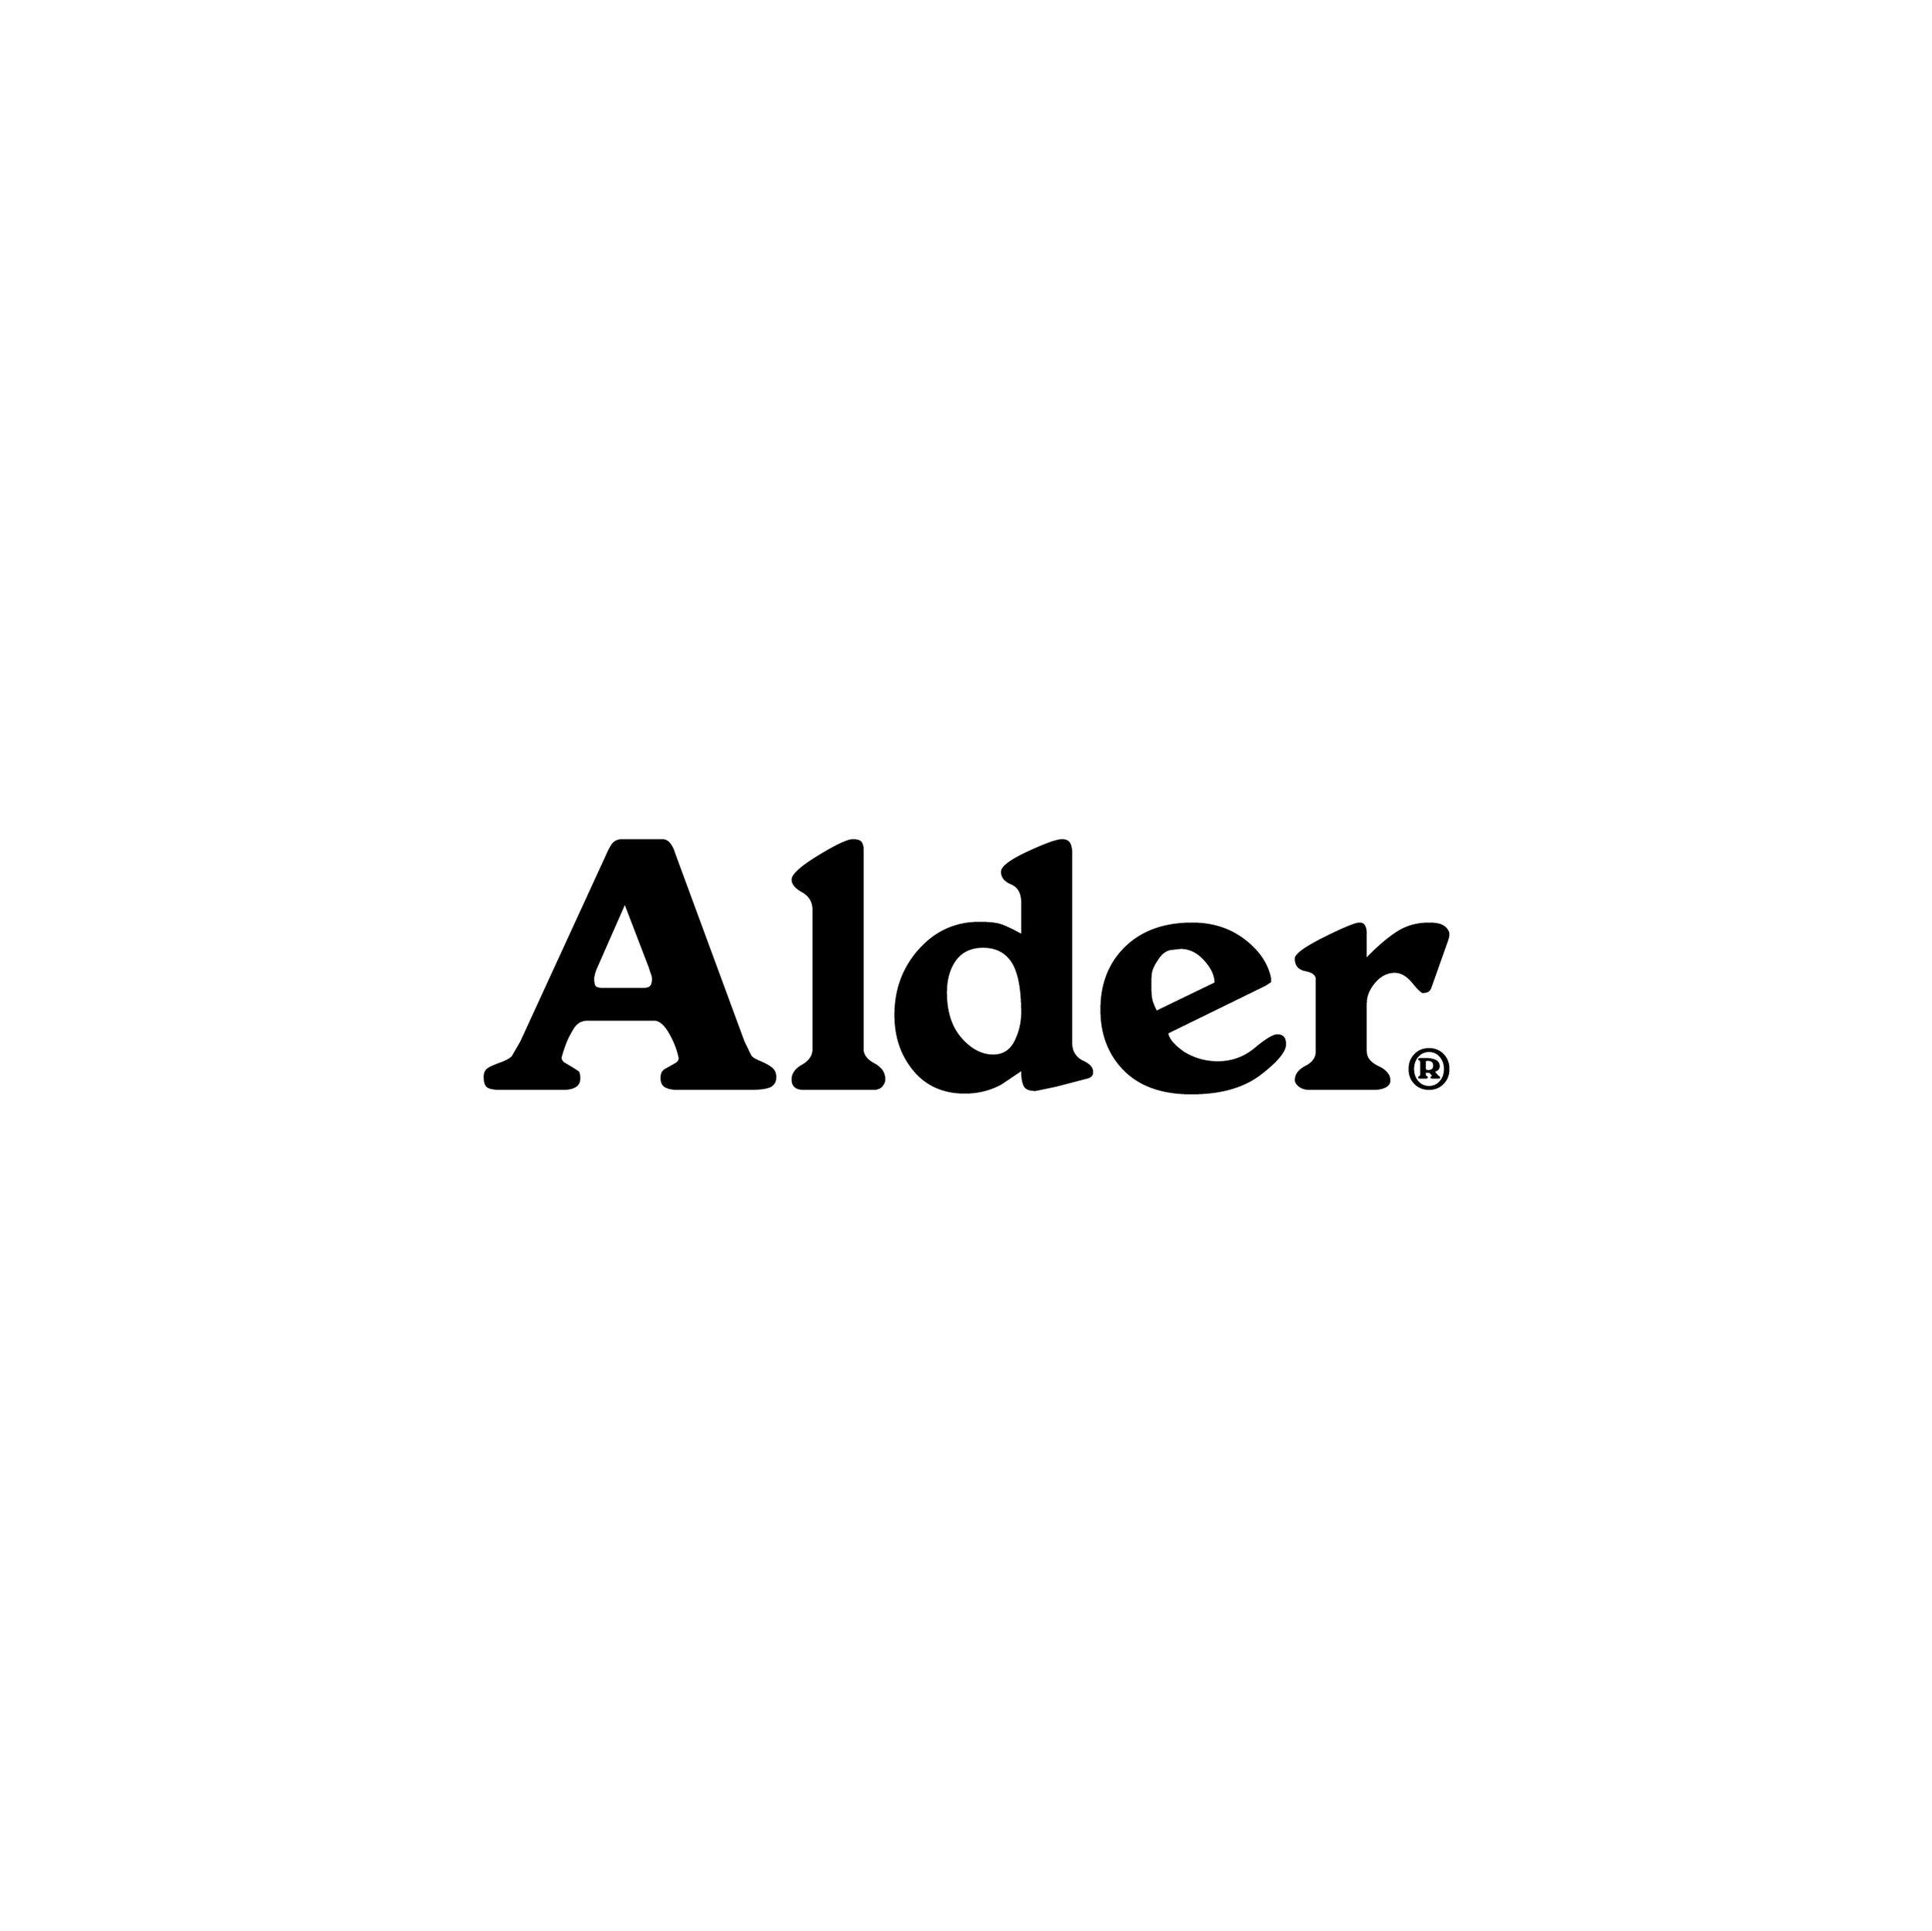 17Alder_Logos_Day.jpg